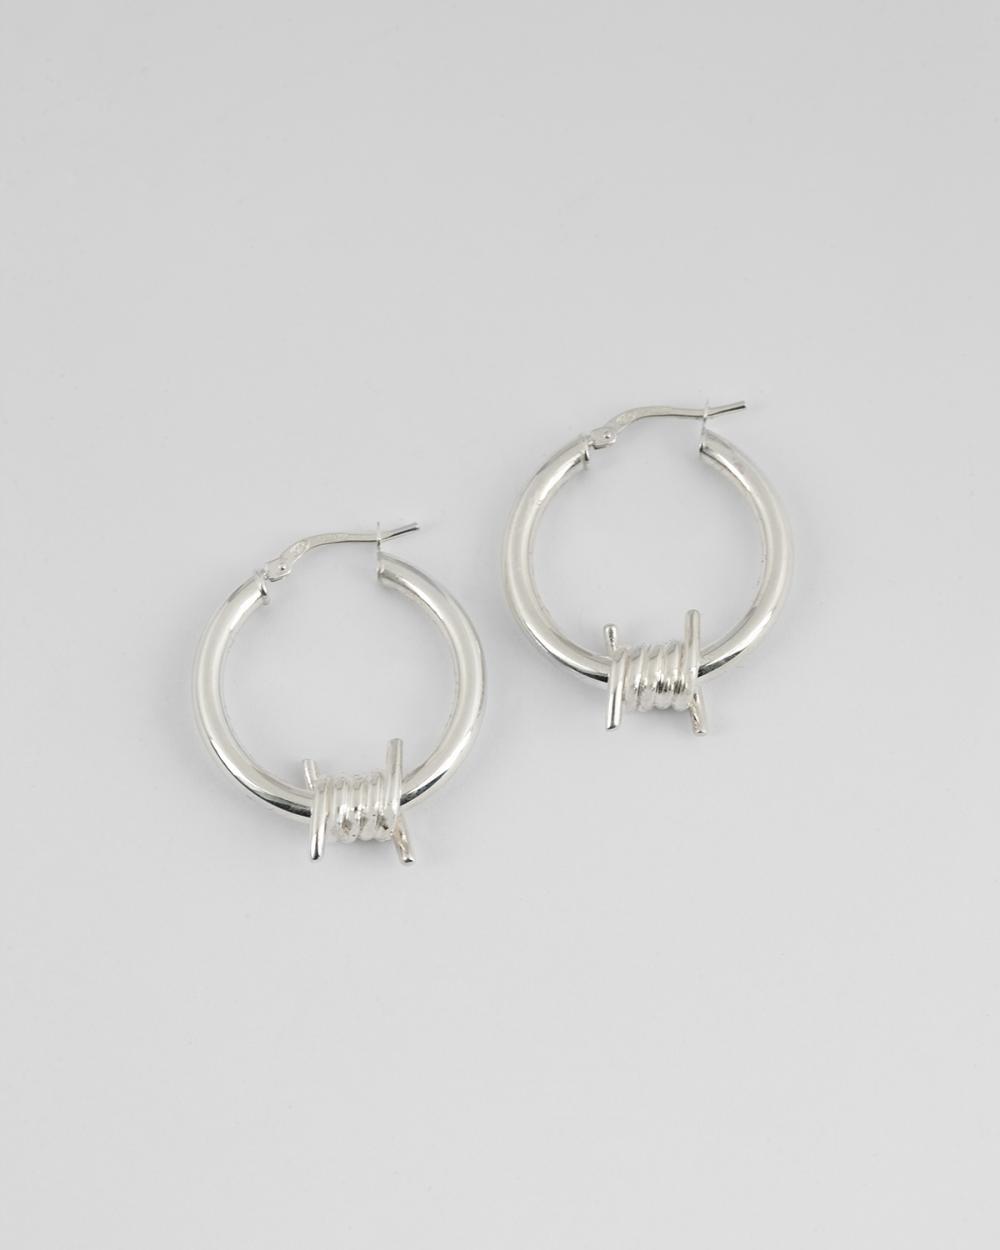 barbed wire hoop pair earrings